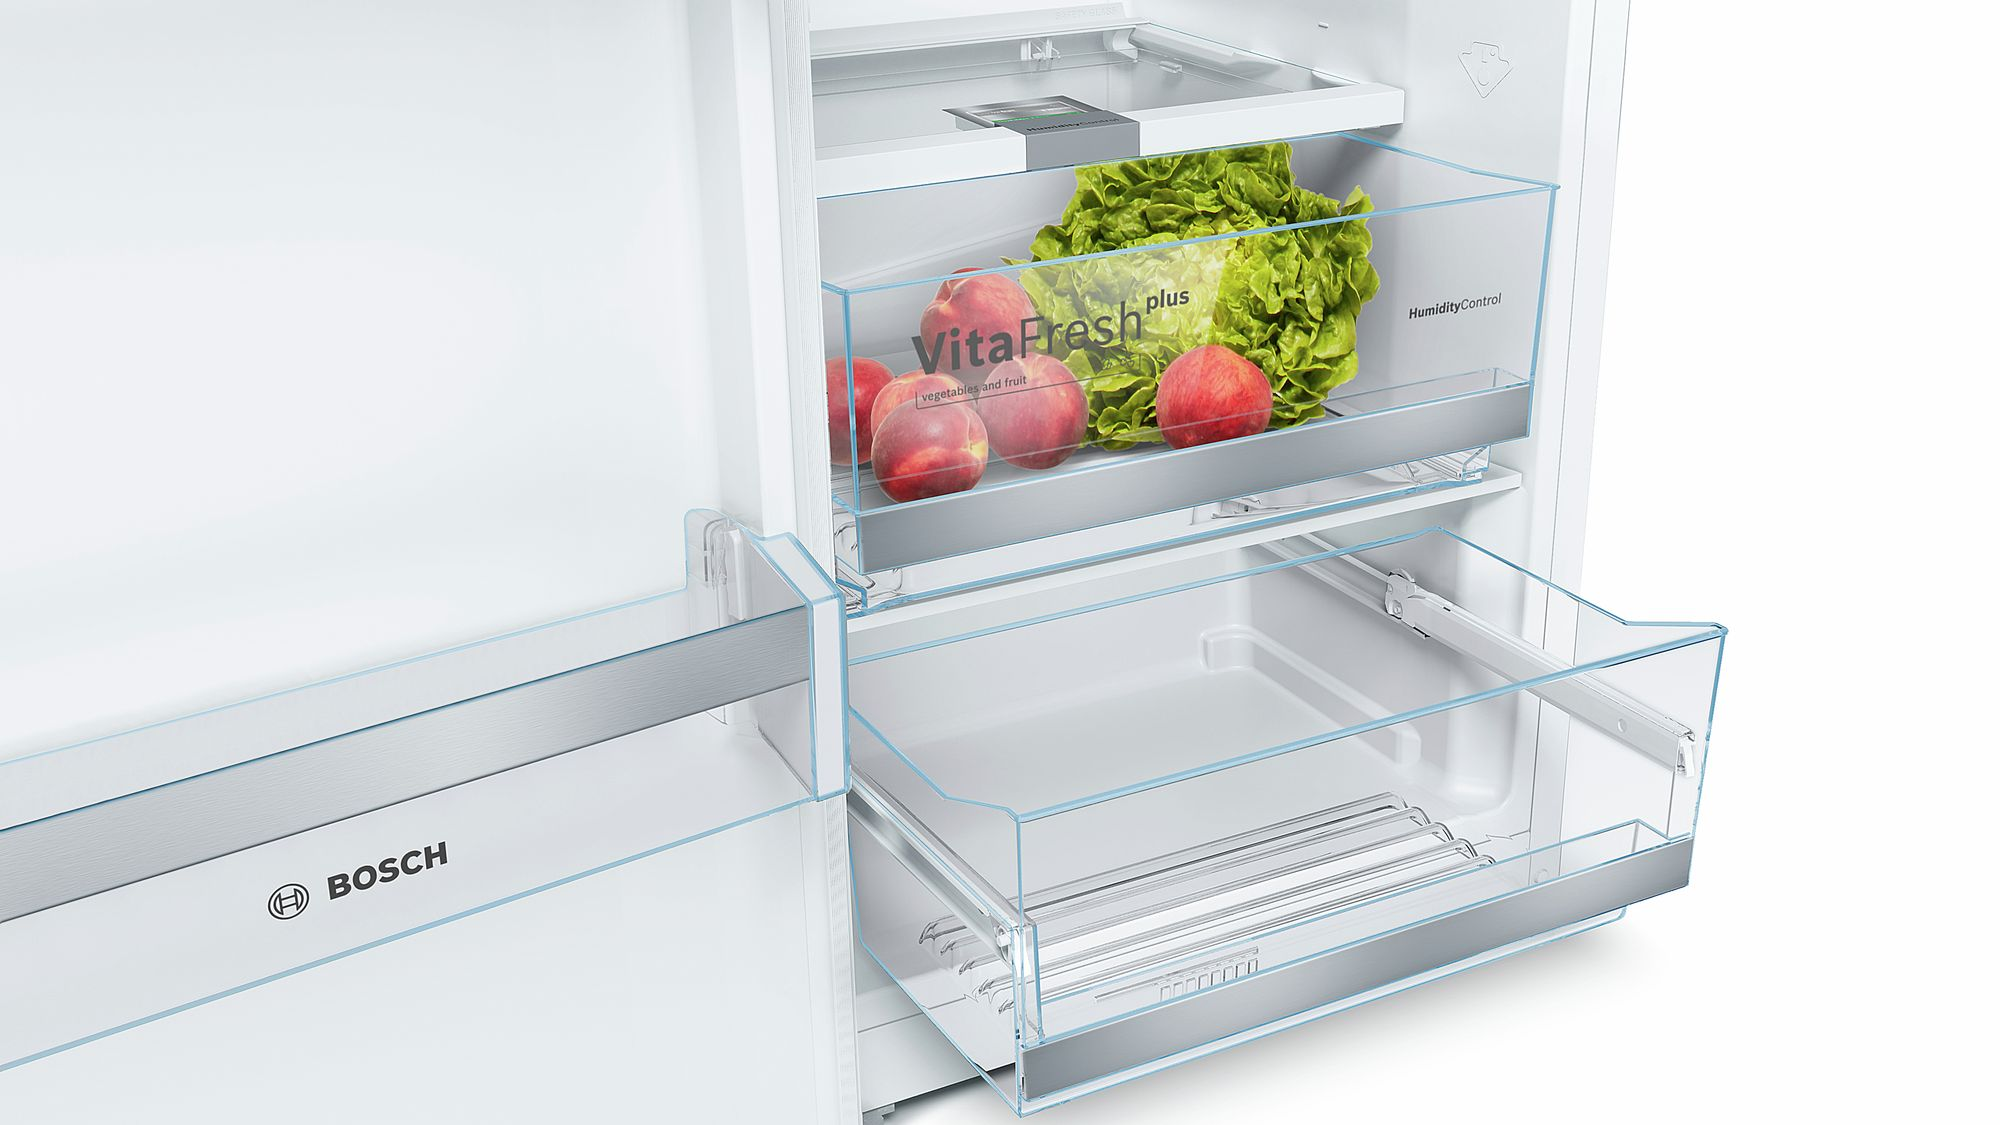 Bosch Kühlschrank : Bosch stand kühlschrank weiß ksv36aw4p preisflix.de